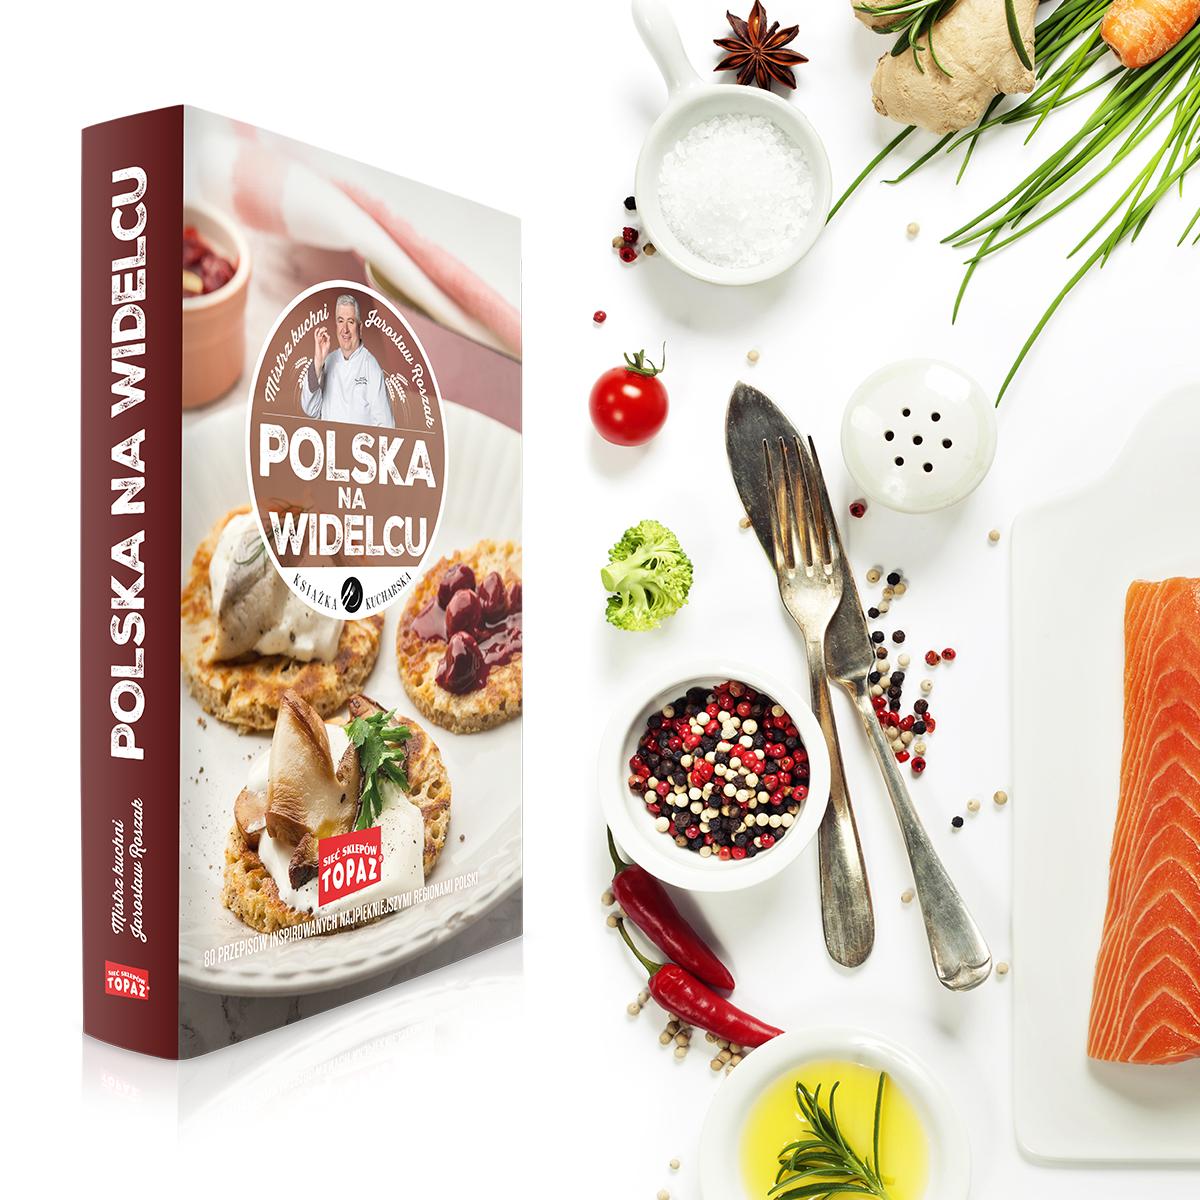 Topaz oferuje interaktywną książkę kucharską